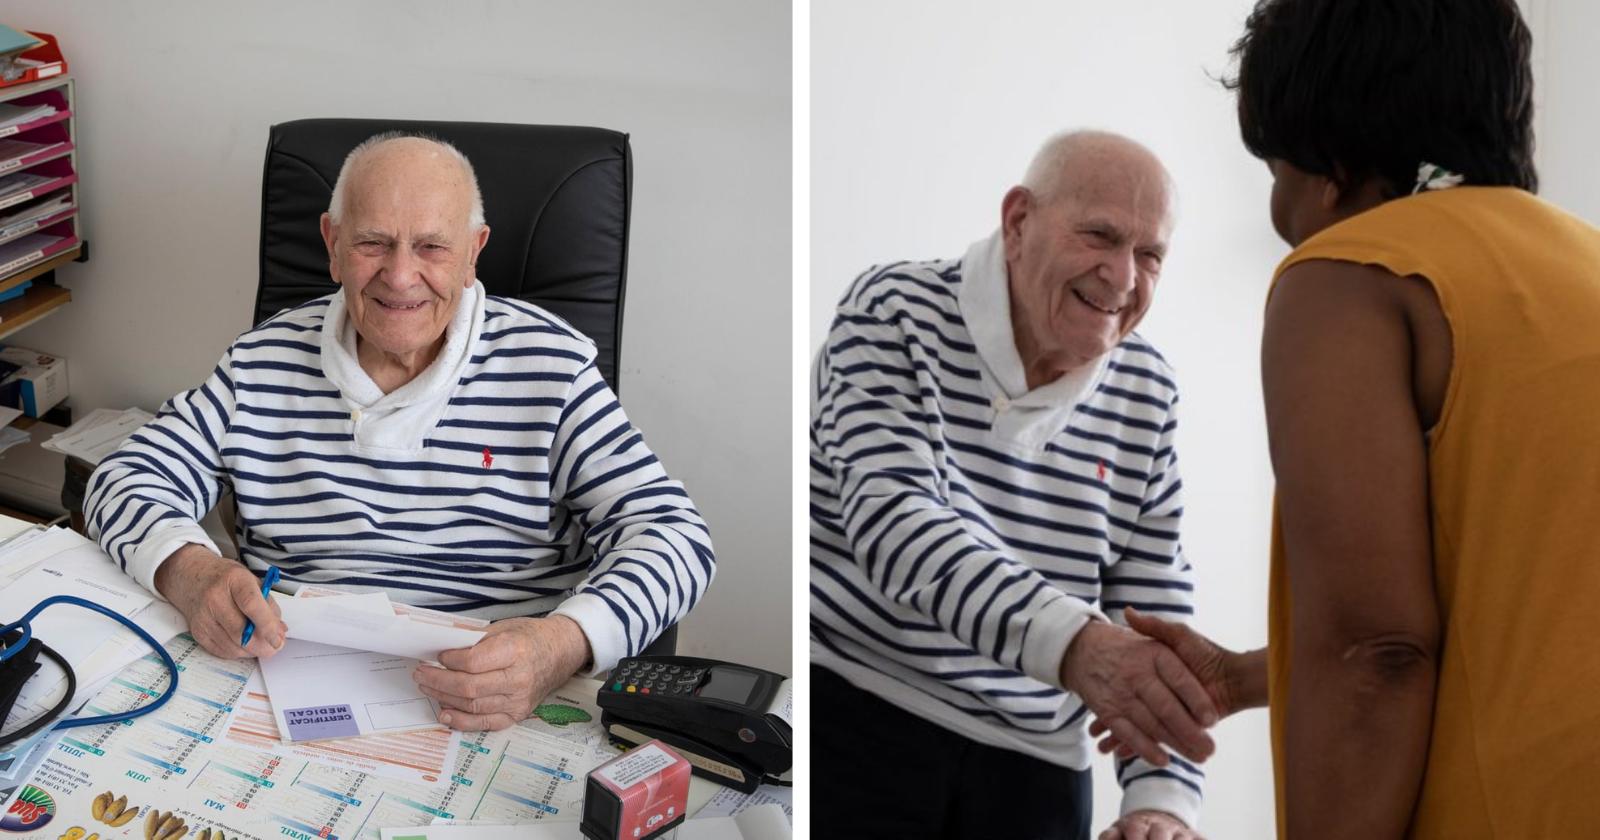 Médico francês de 98 anos atende pacientes carentes há 70: 'Eles me fazem querer continuar'